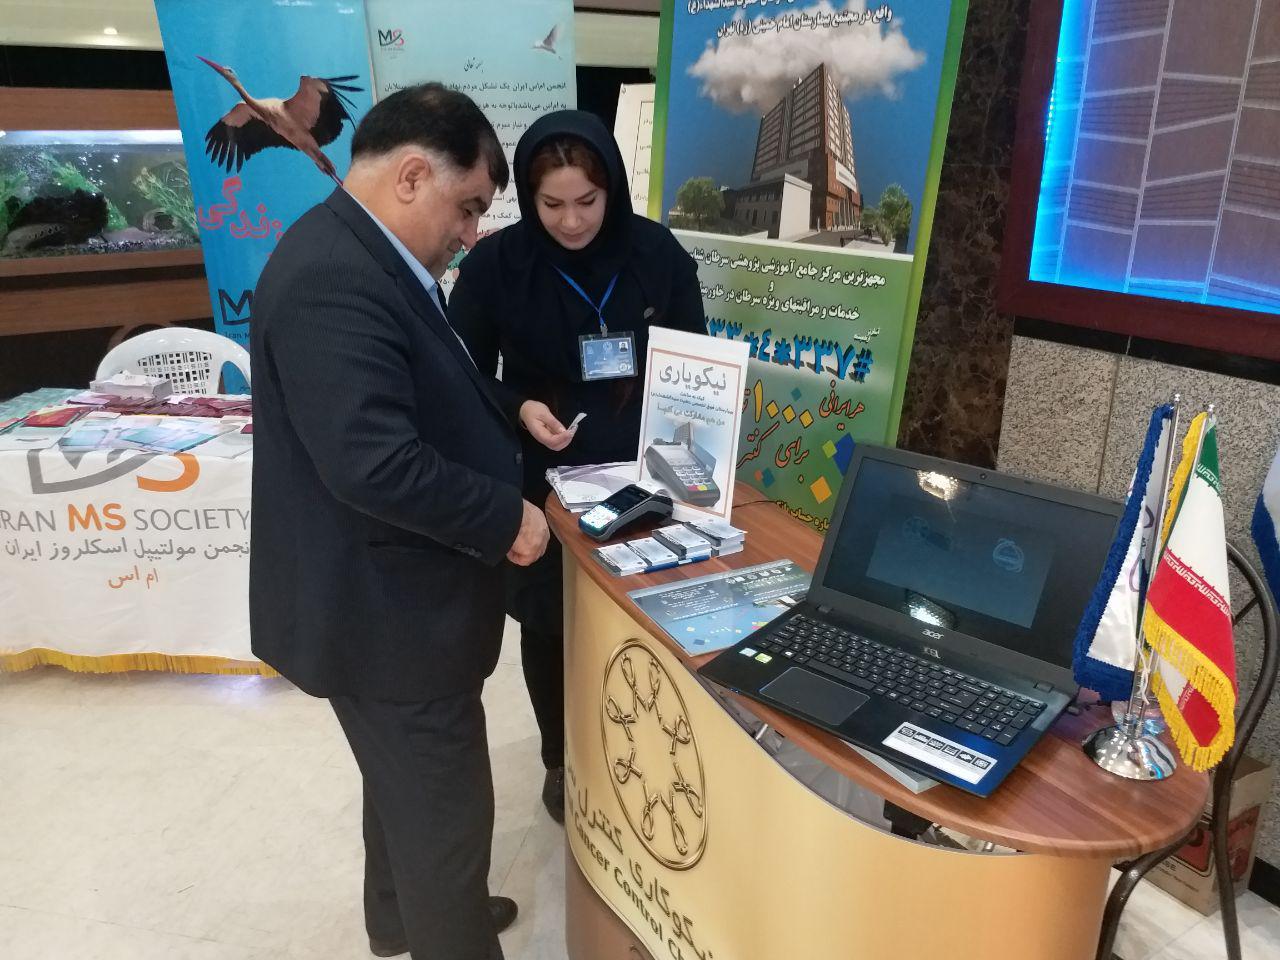 حضور بنیاد ملی نیکوکاری کنترل سرطان در نخستین همایش شبکه ملی پیشگیری  از بیماریهای غیرواگیر